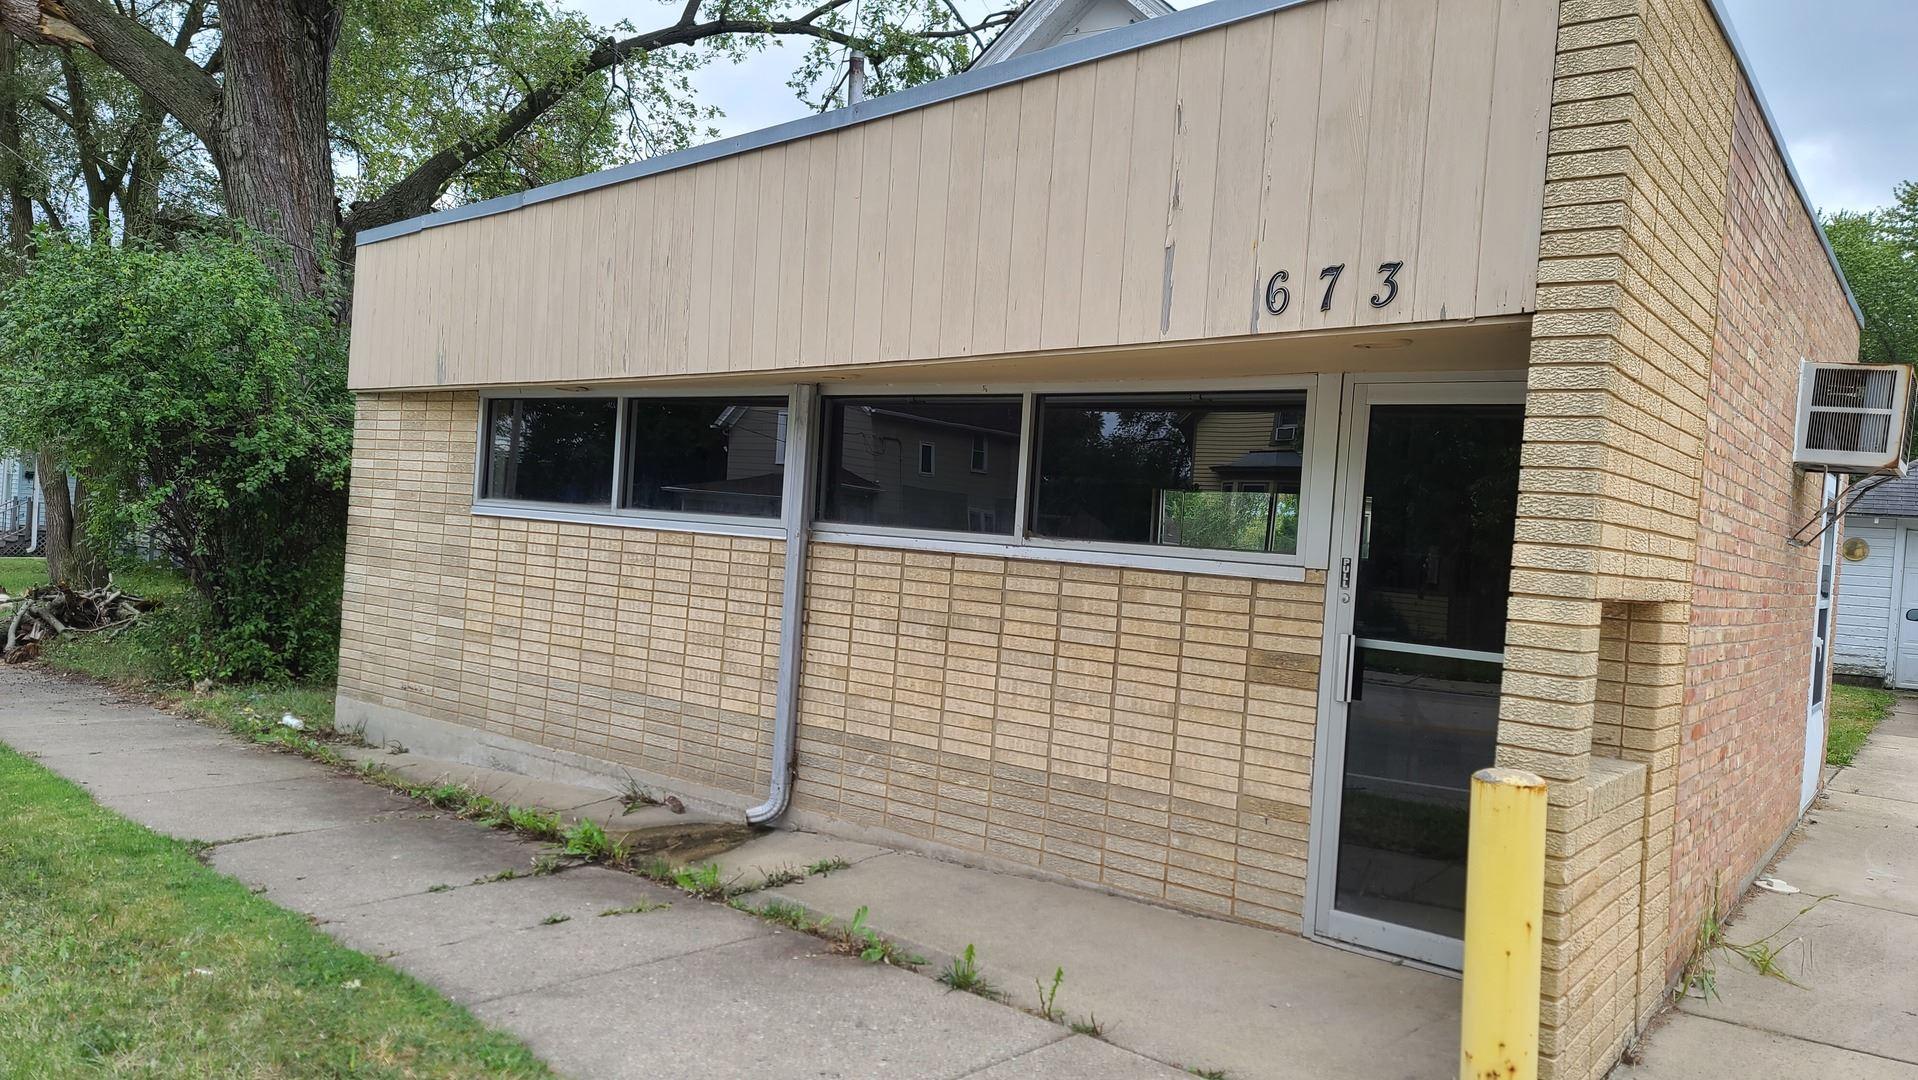 673 Villa Street, Elgin, IL 60120 - #: 10810521